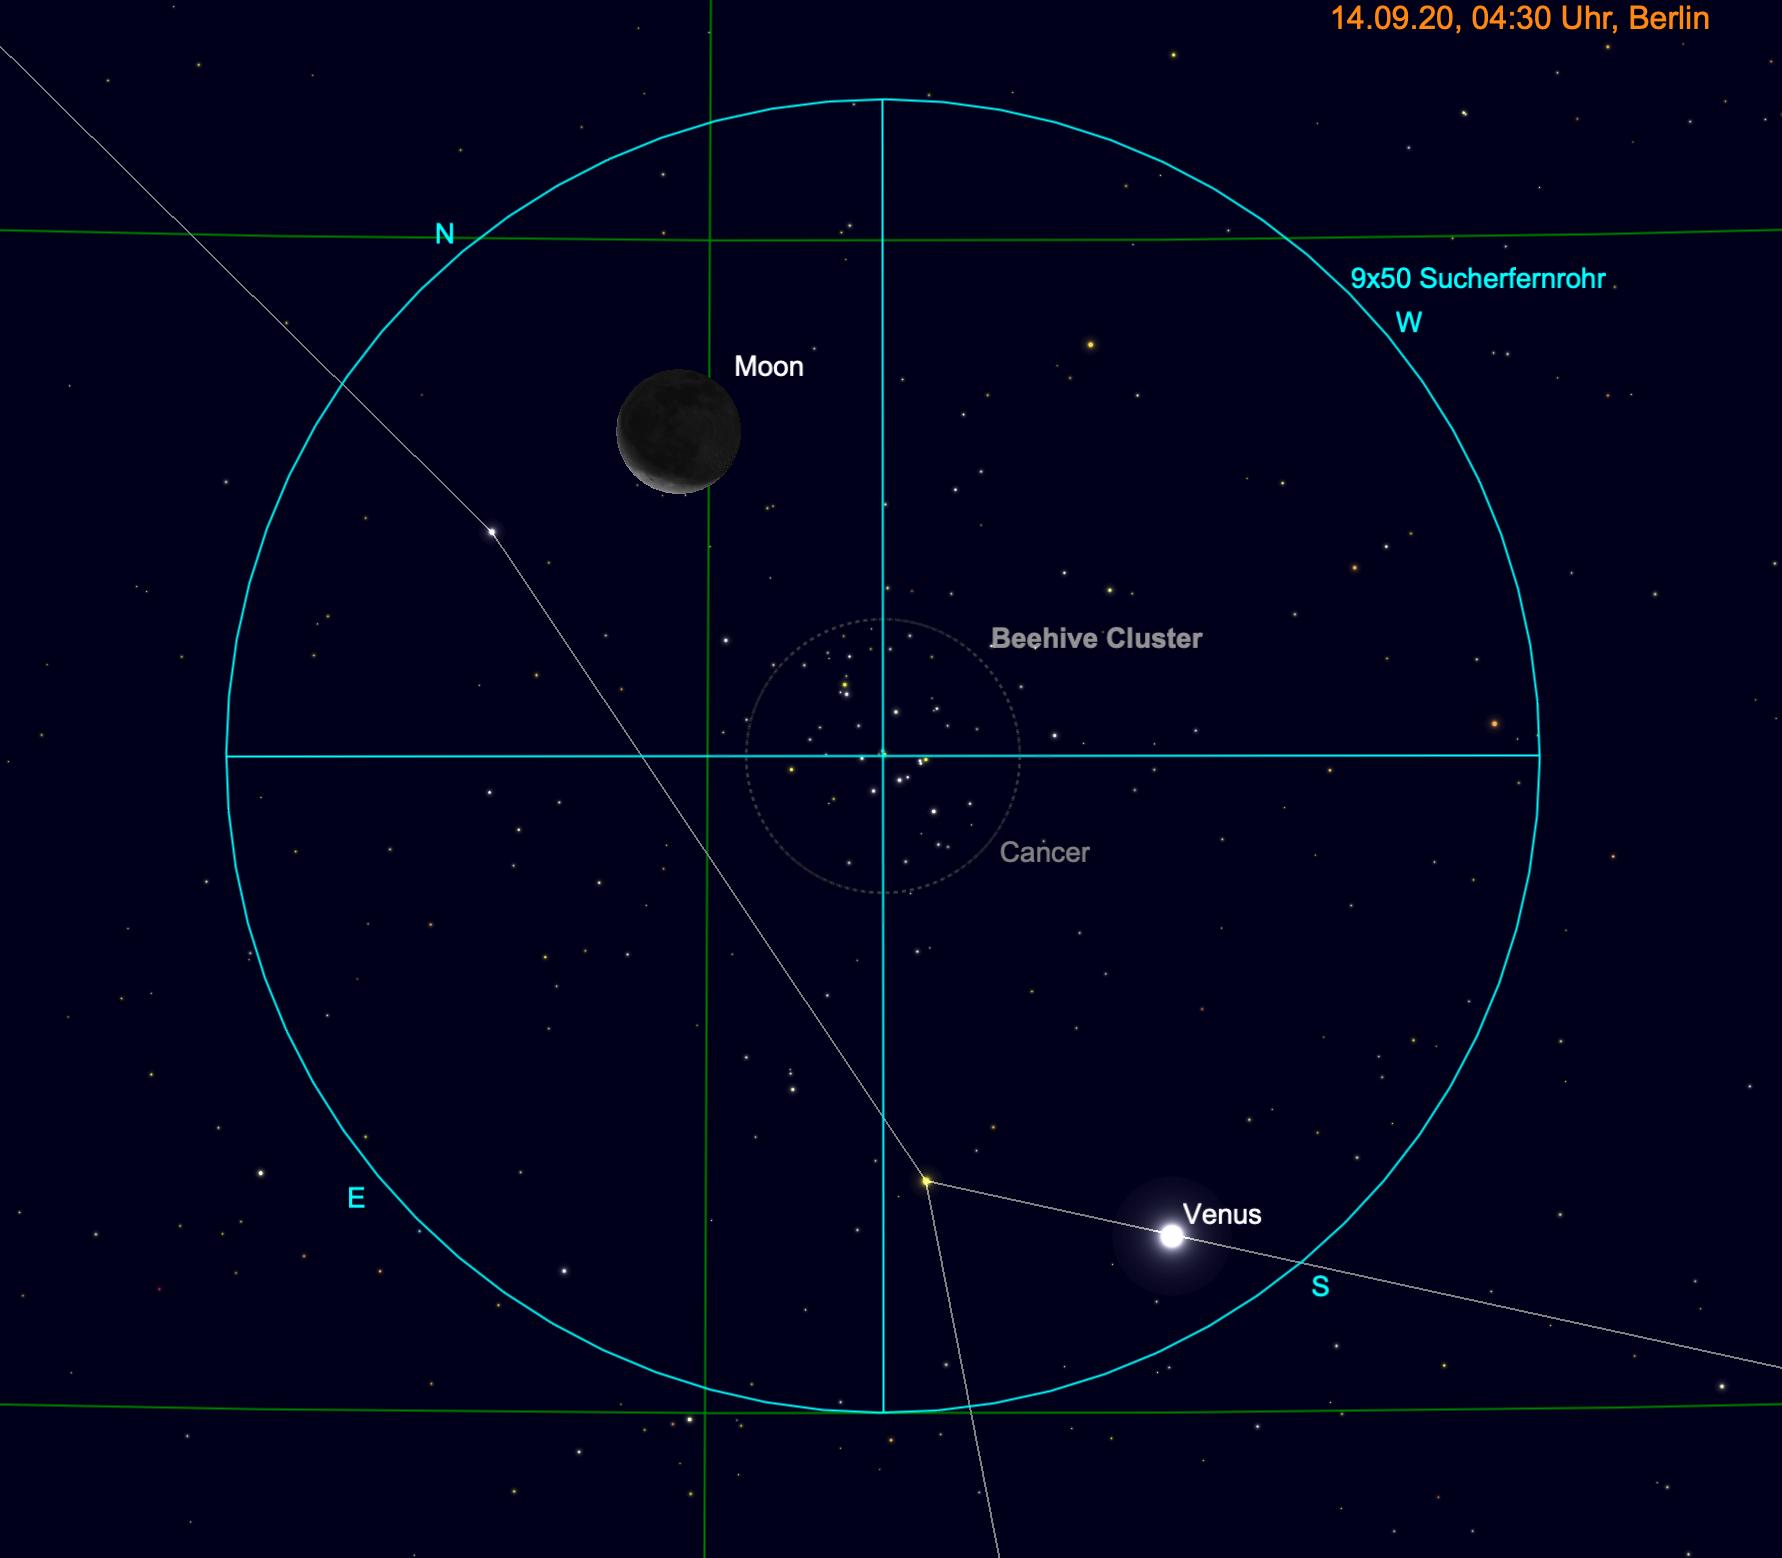 Mond, Venus und Beehive Cluster